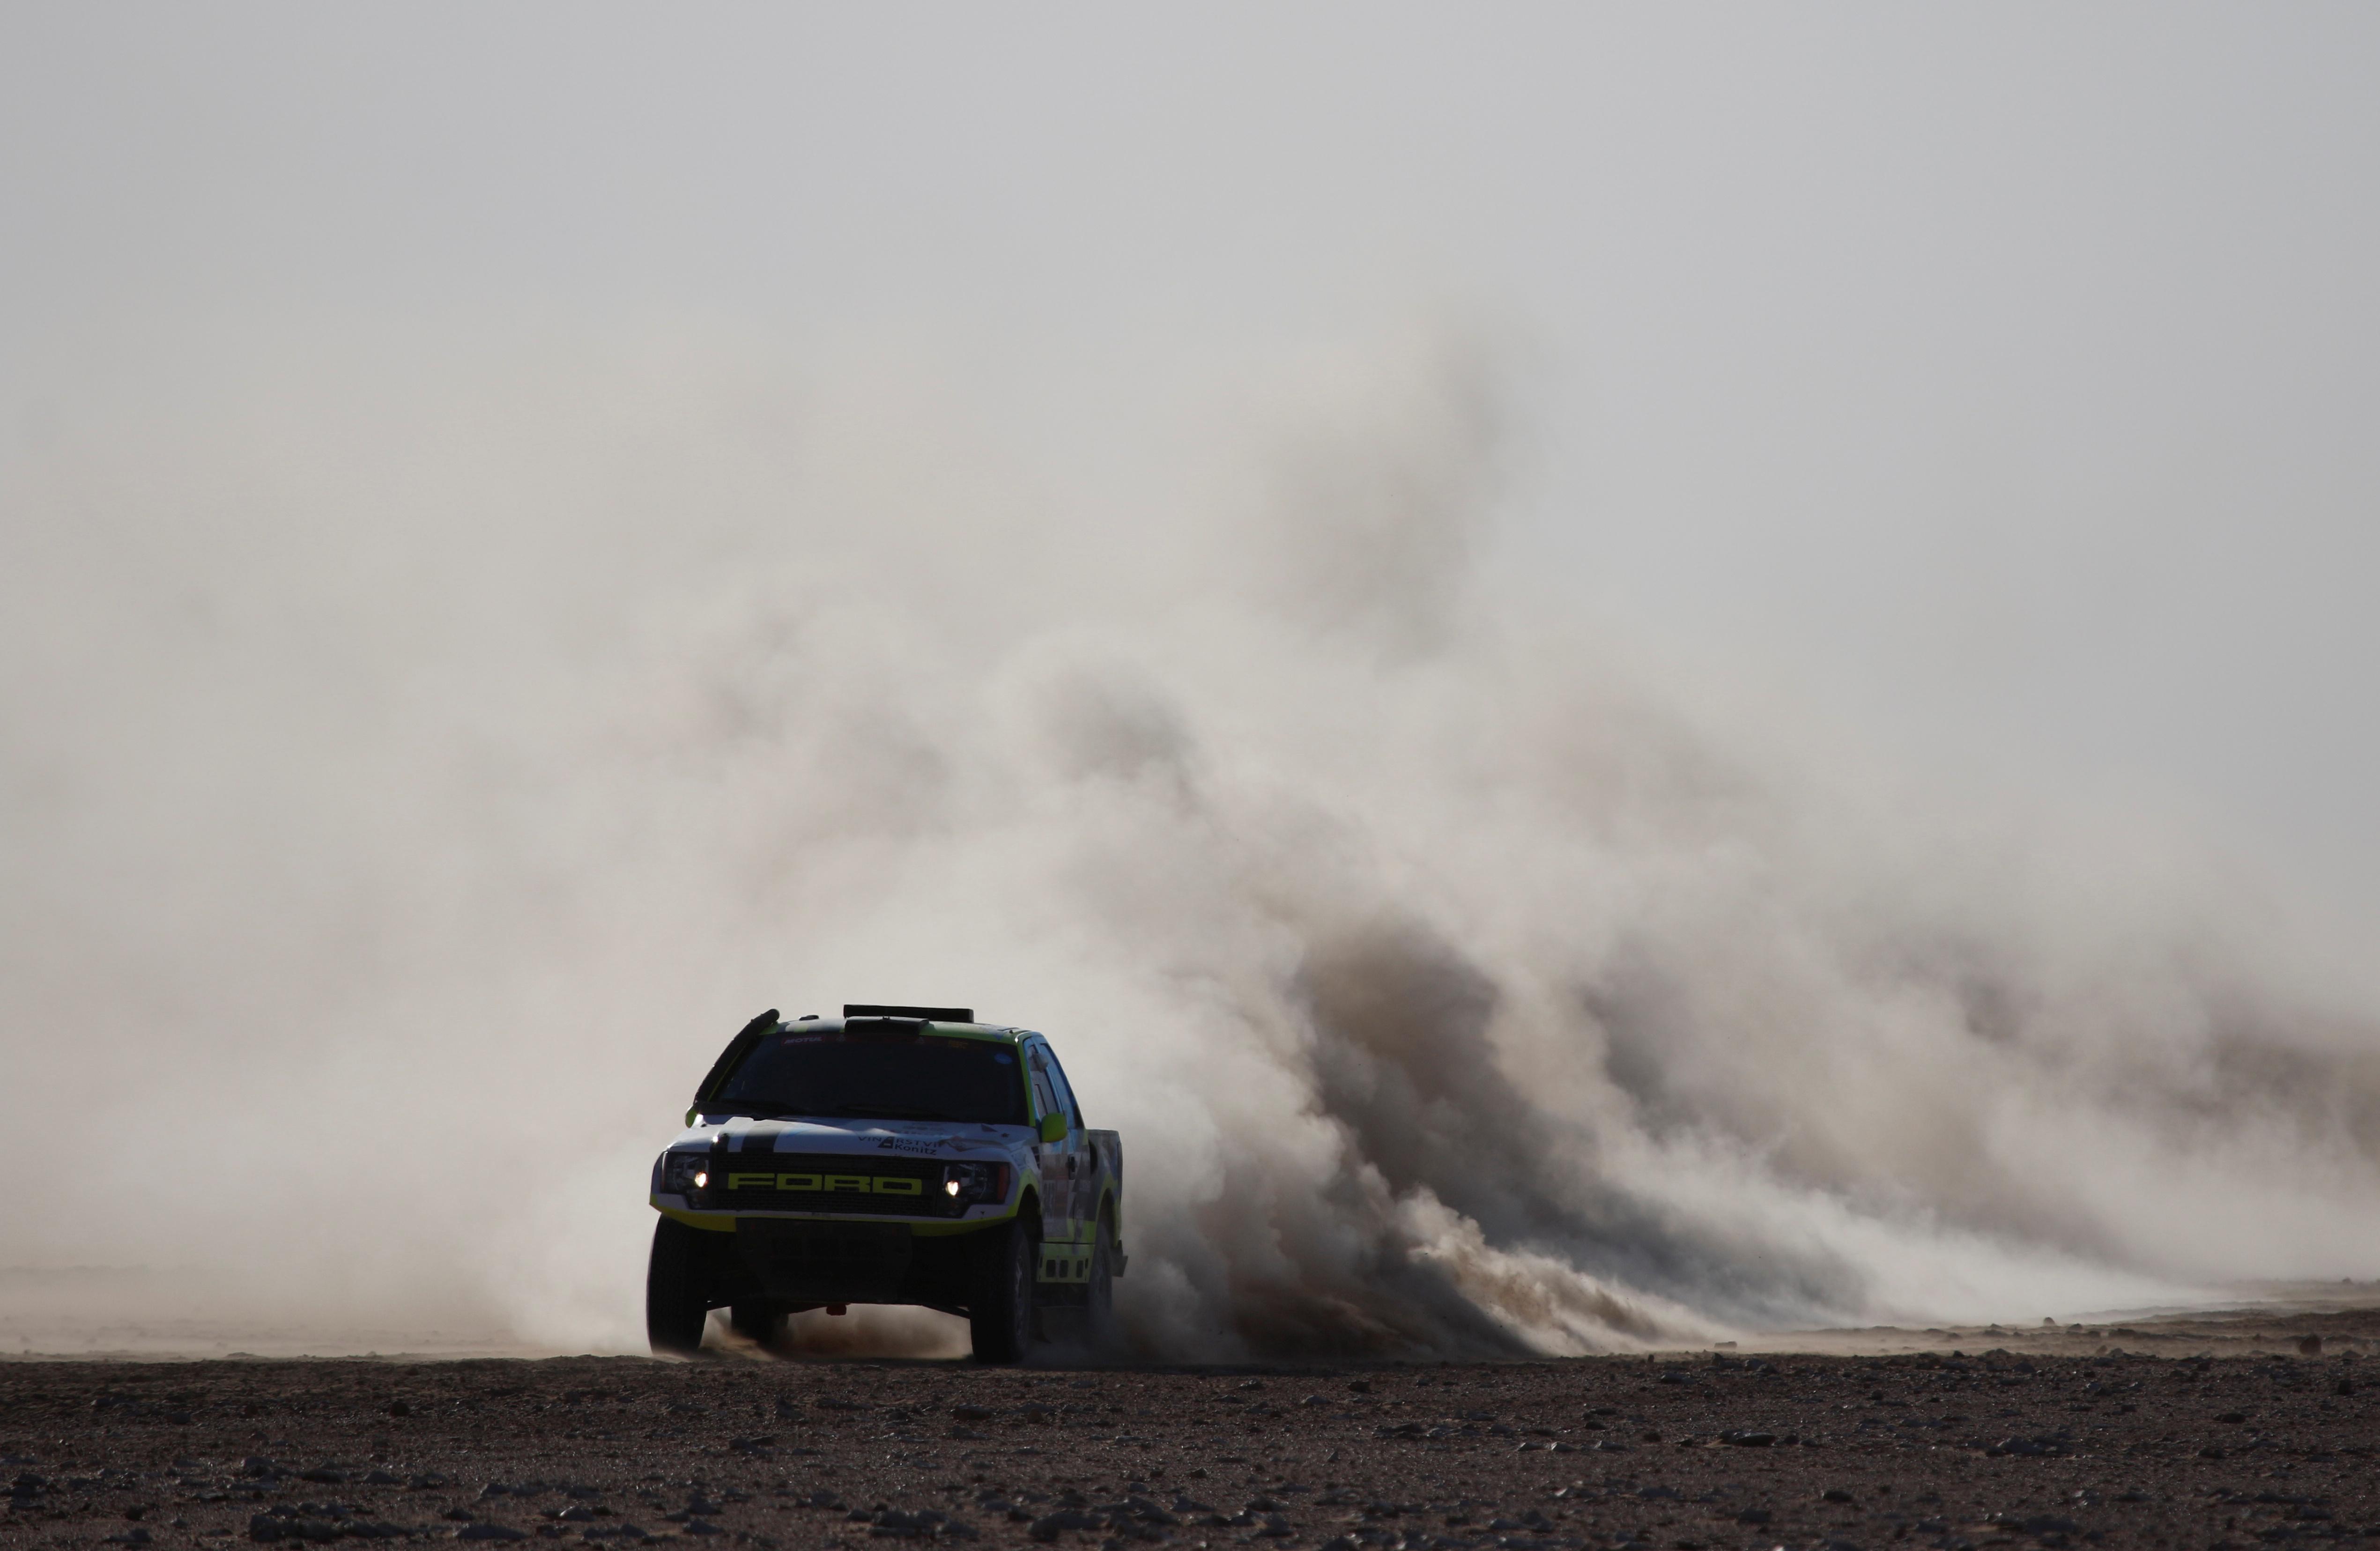 La etapa, disputada entre Wadi Al Dawasir y Haradh se la adjudicó el francés Stéphane Peterhansel en autos, que está tercero en la general